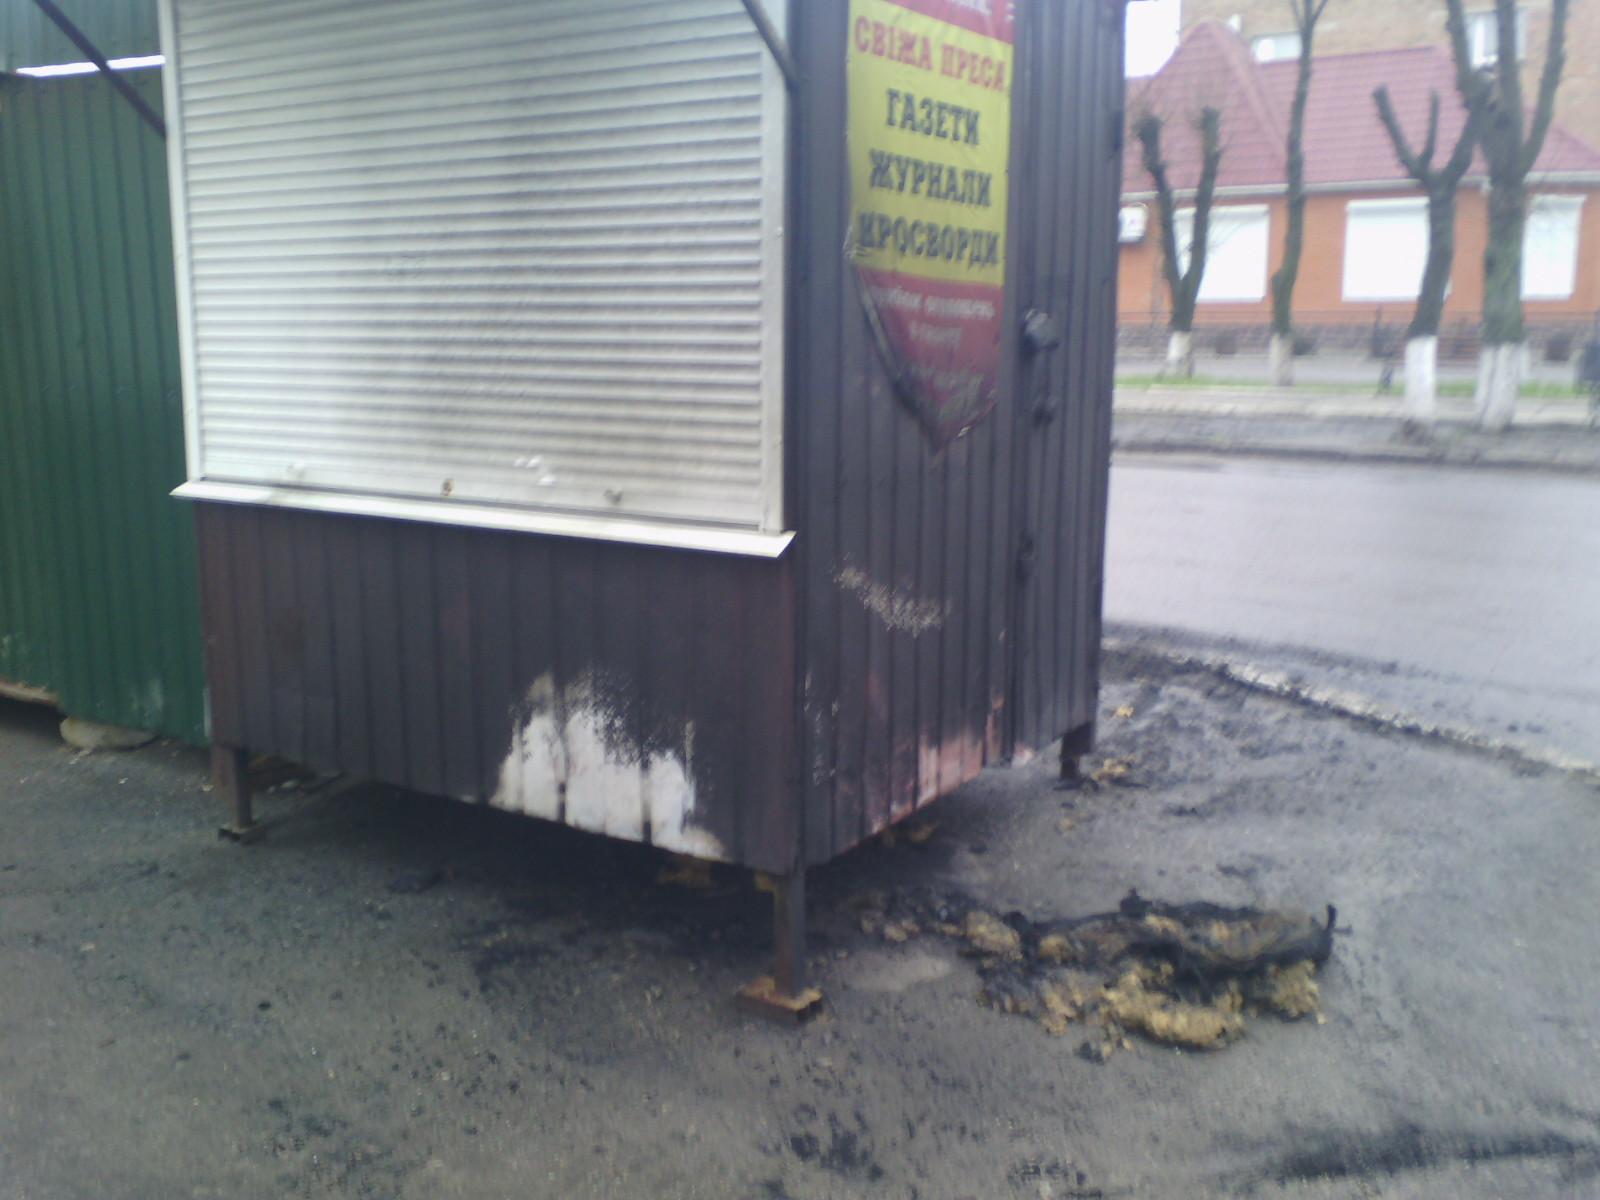 Кіровоградщина: у Знам'янці  підпалили кіоск із газетами, підклавши шину. ФОТО 2